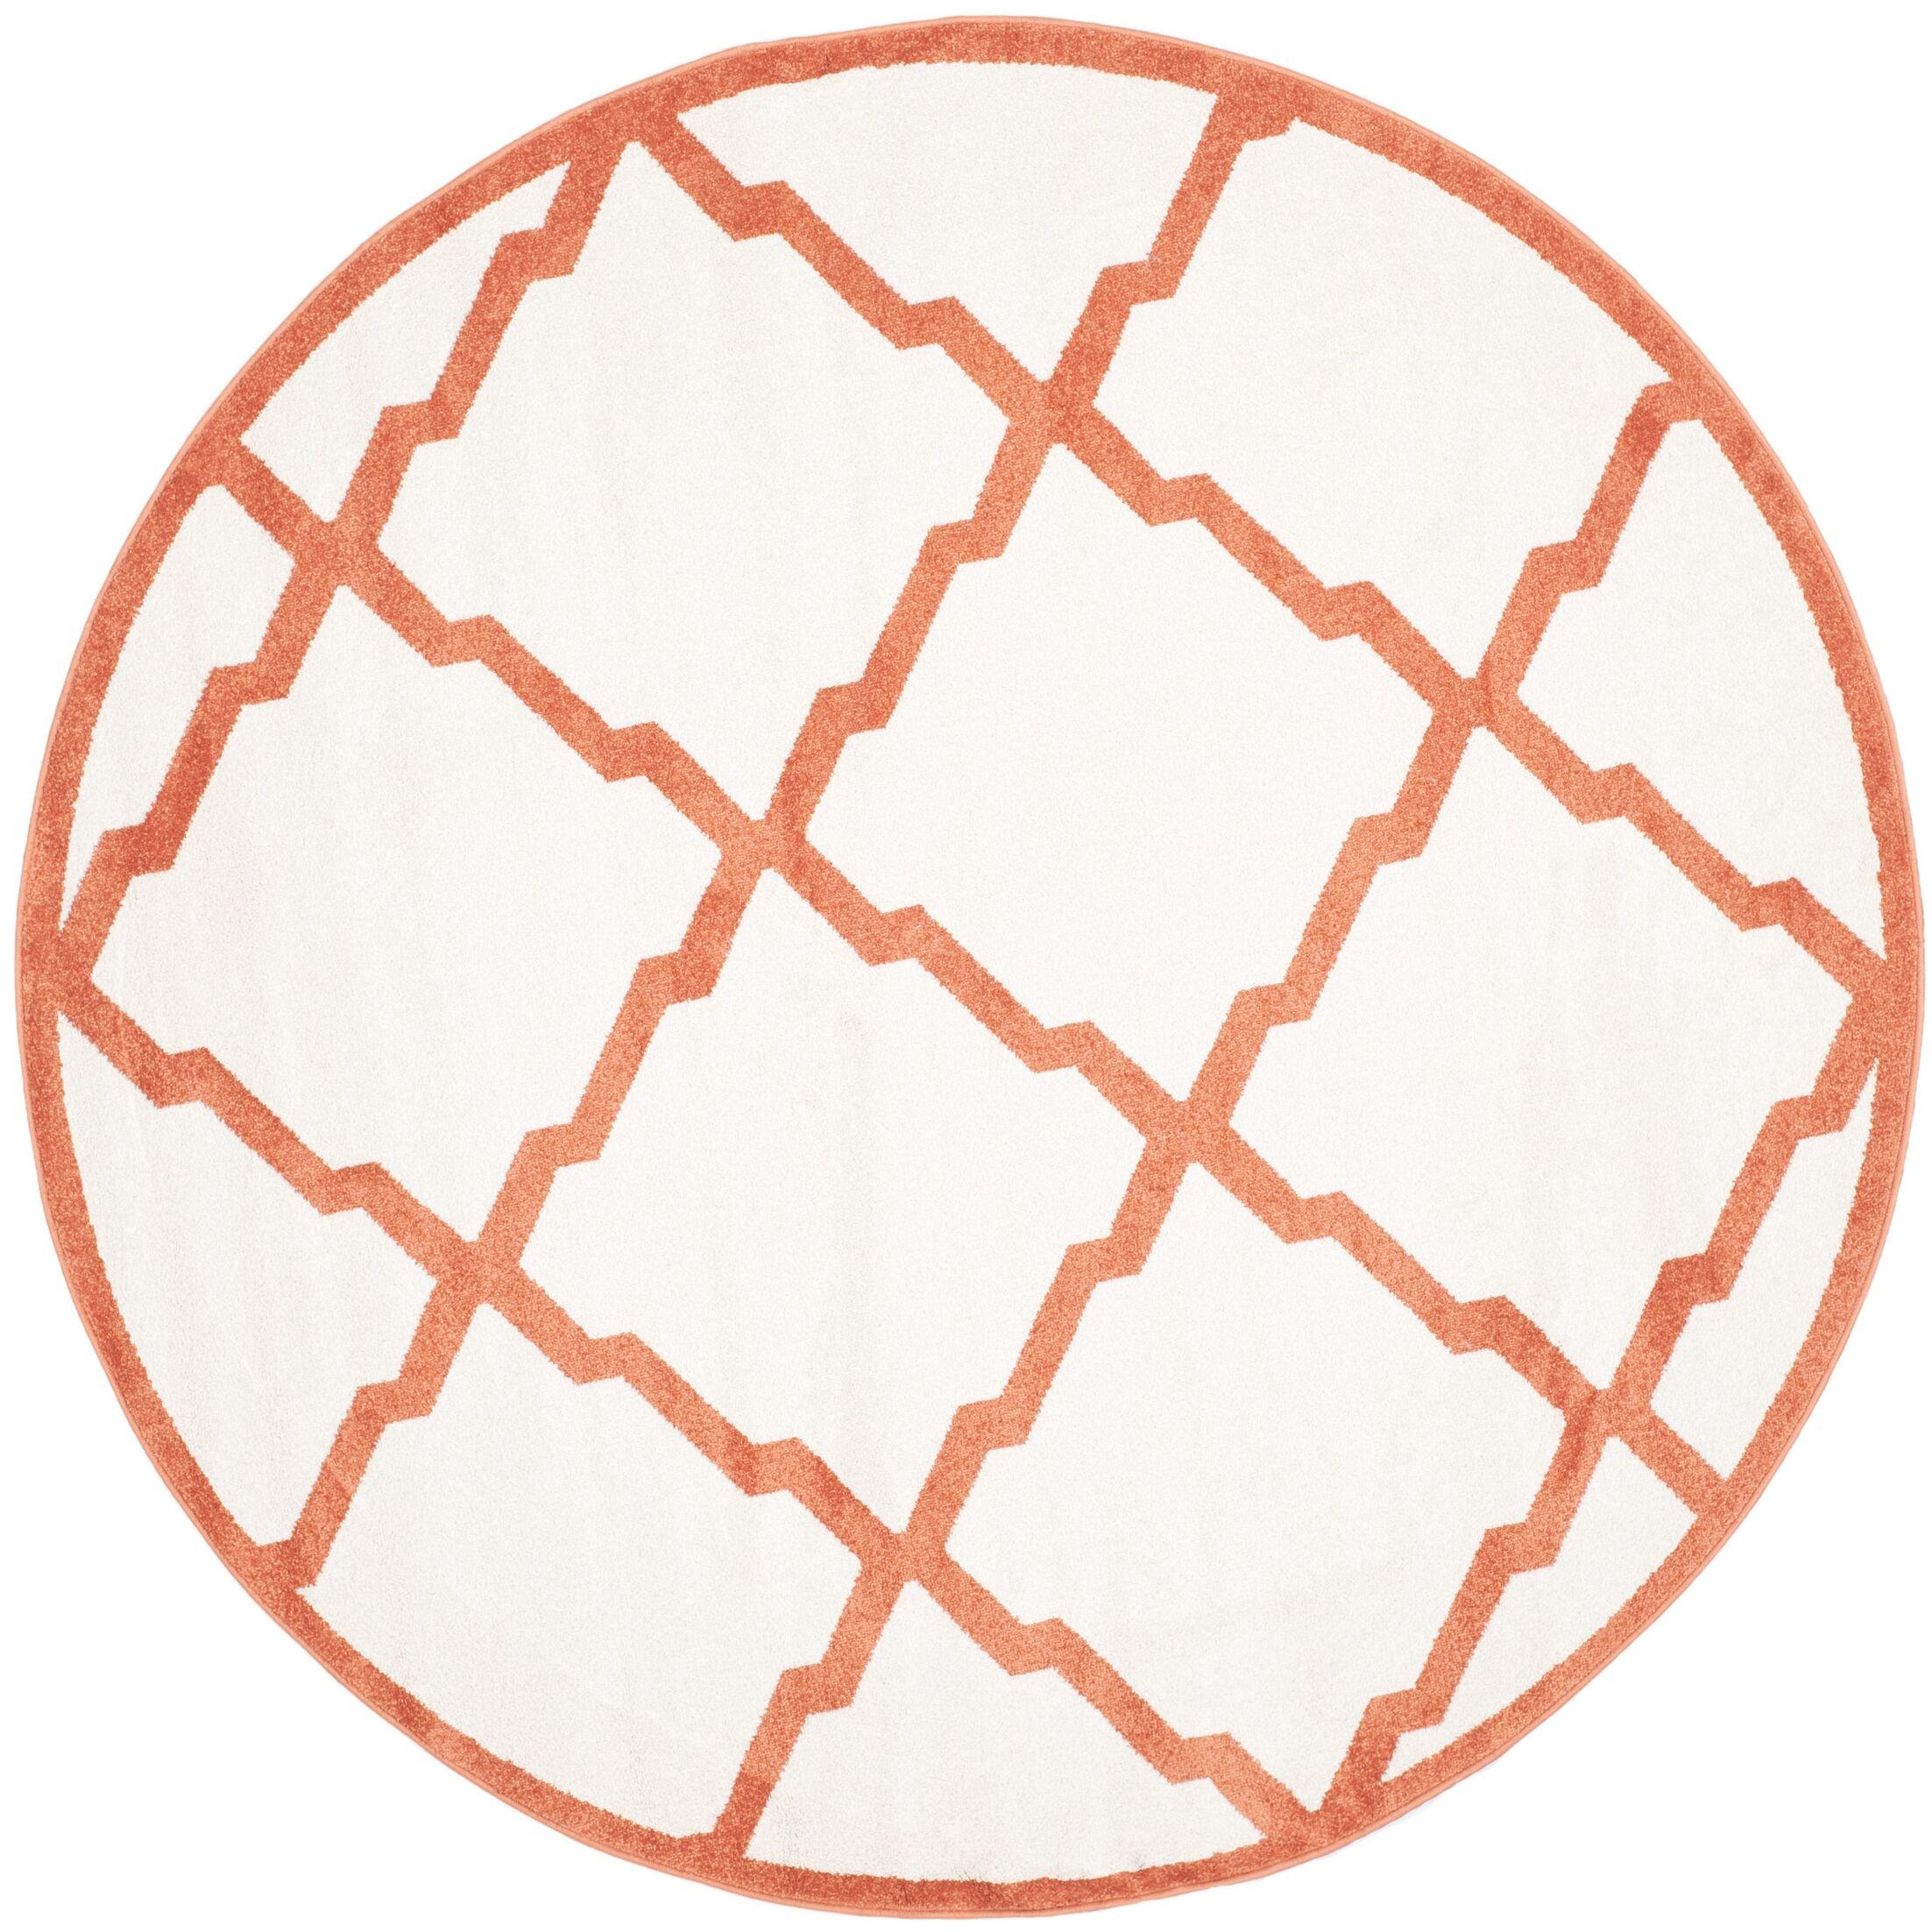 Maritza Beige/Orange Indoor/Outdoor Area Rug Rug Size: Rectangle 8' x 10'